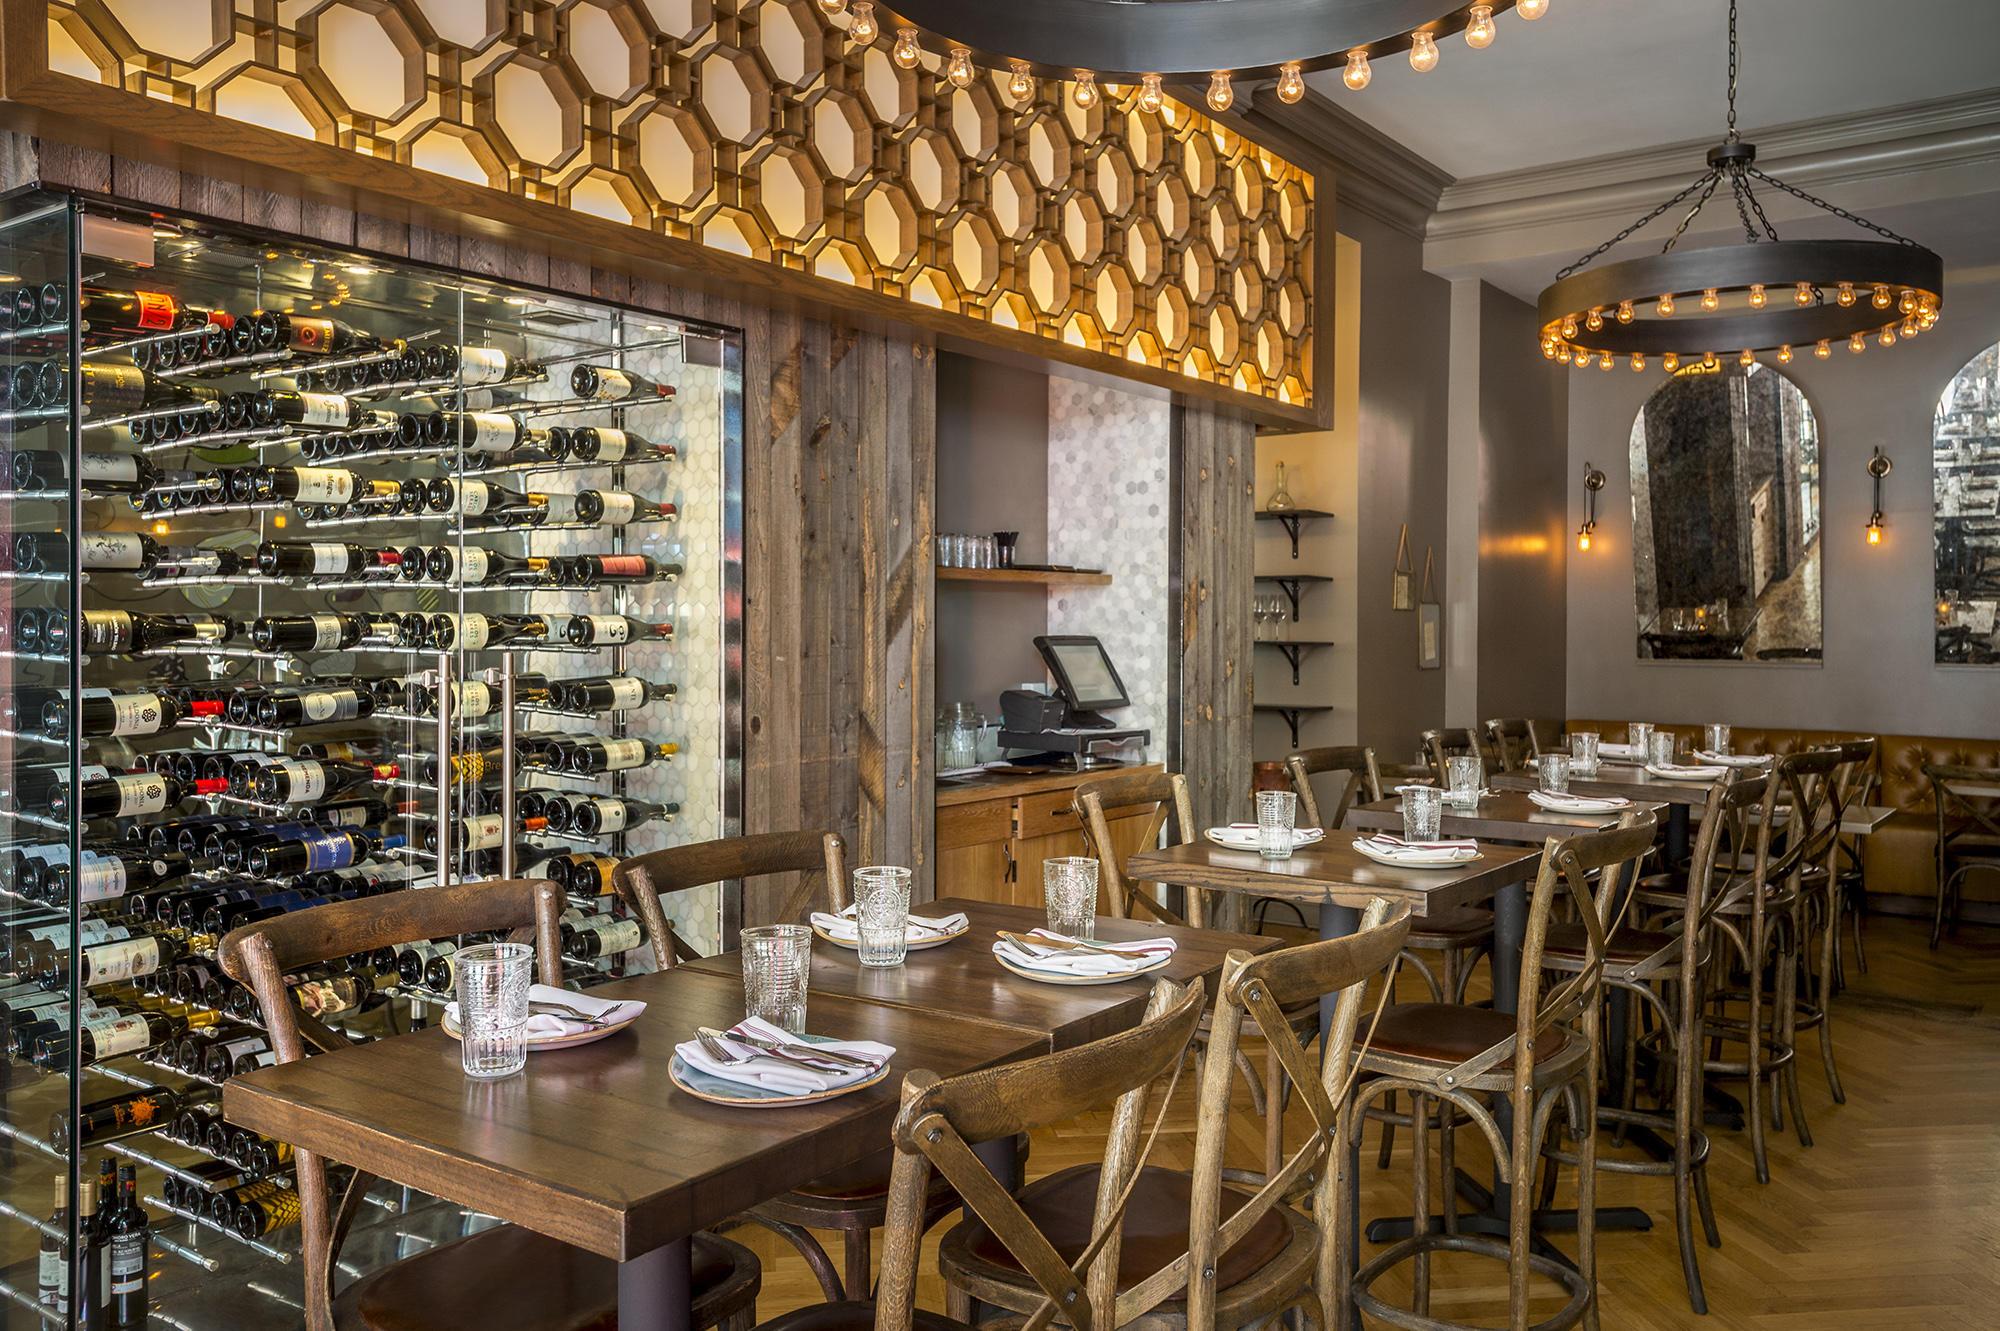 Bota Restaurant dining